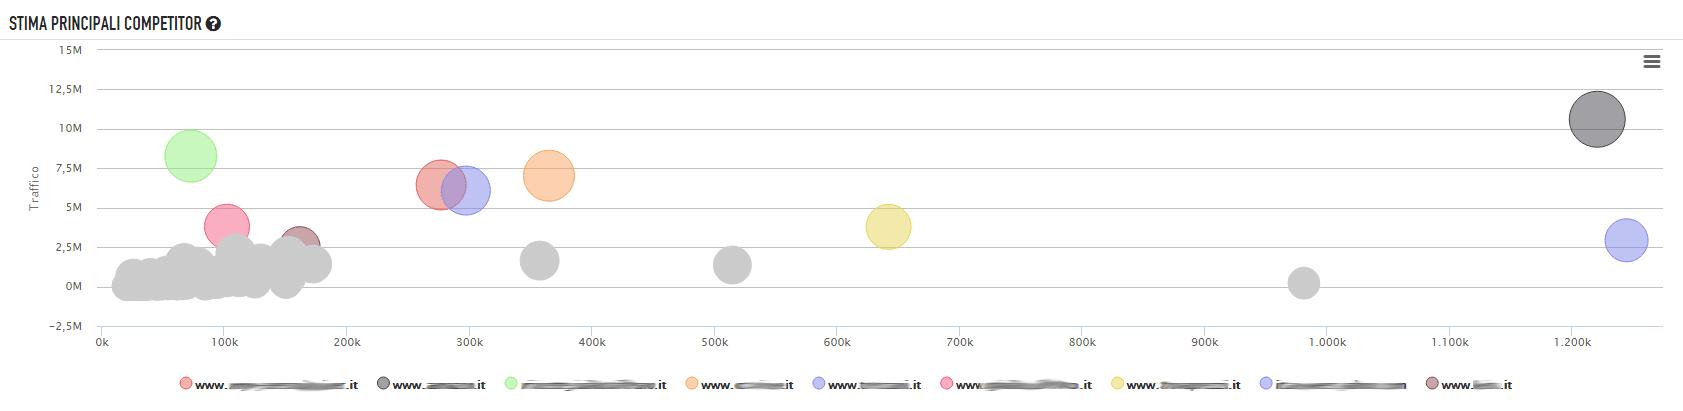 Stima dei principali competitor grafico a bolle seozoom